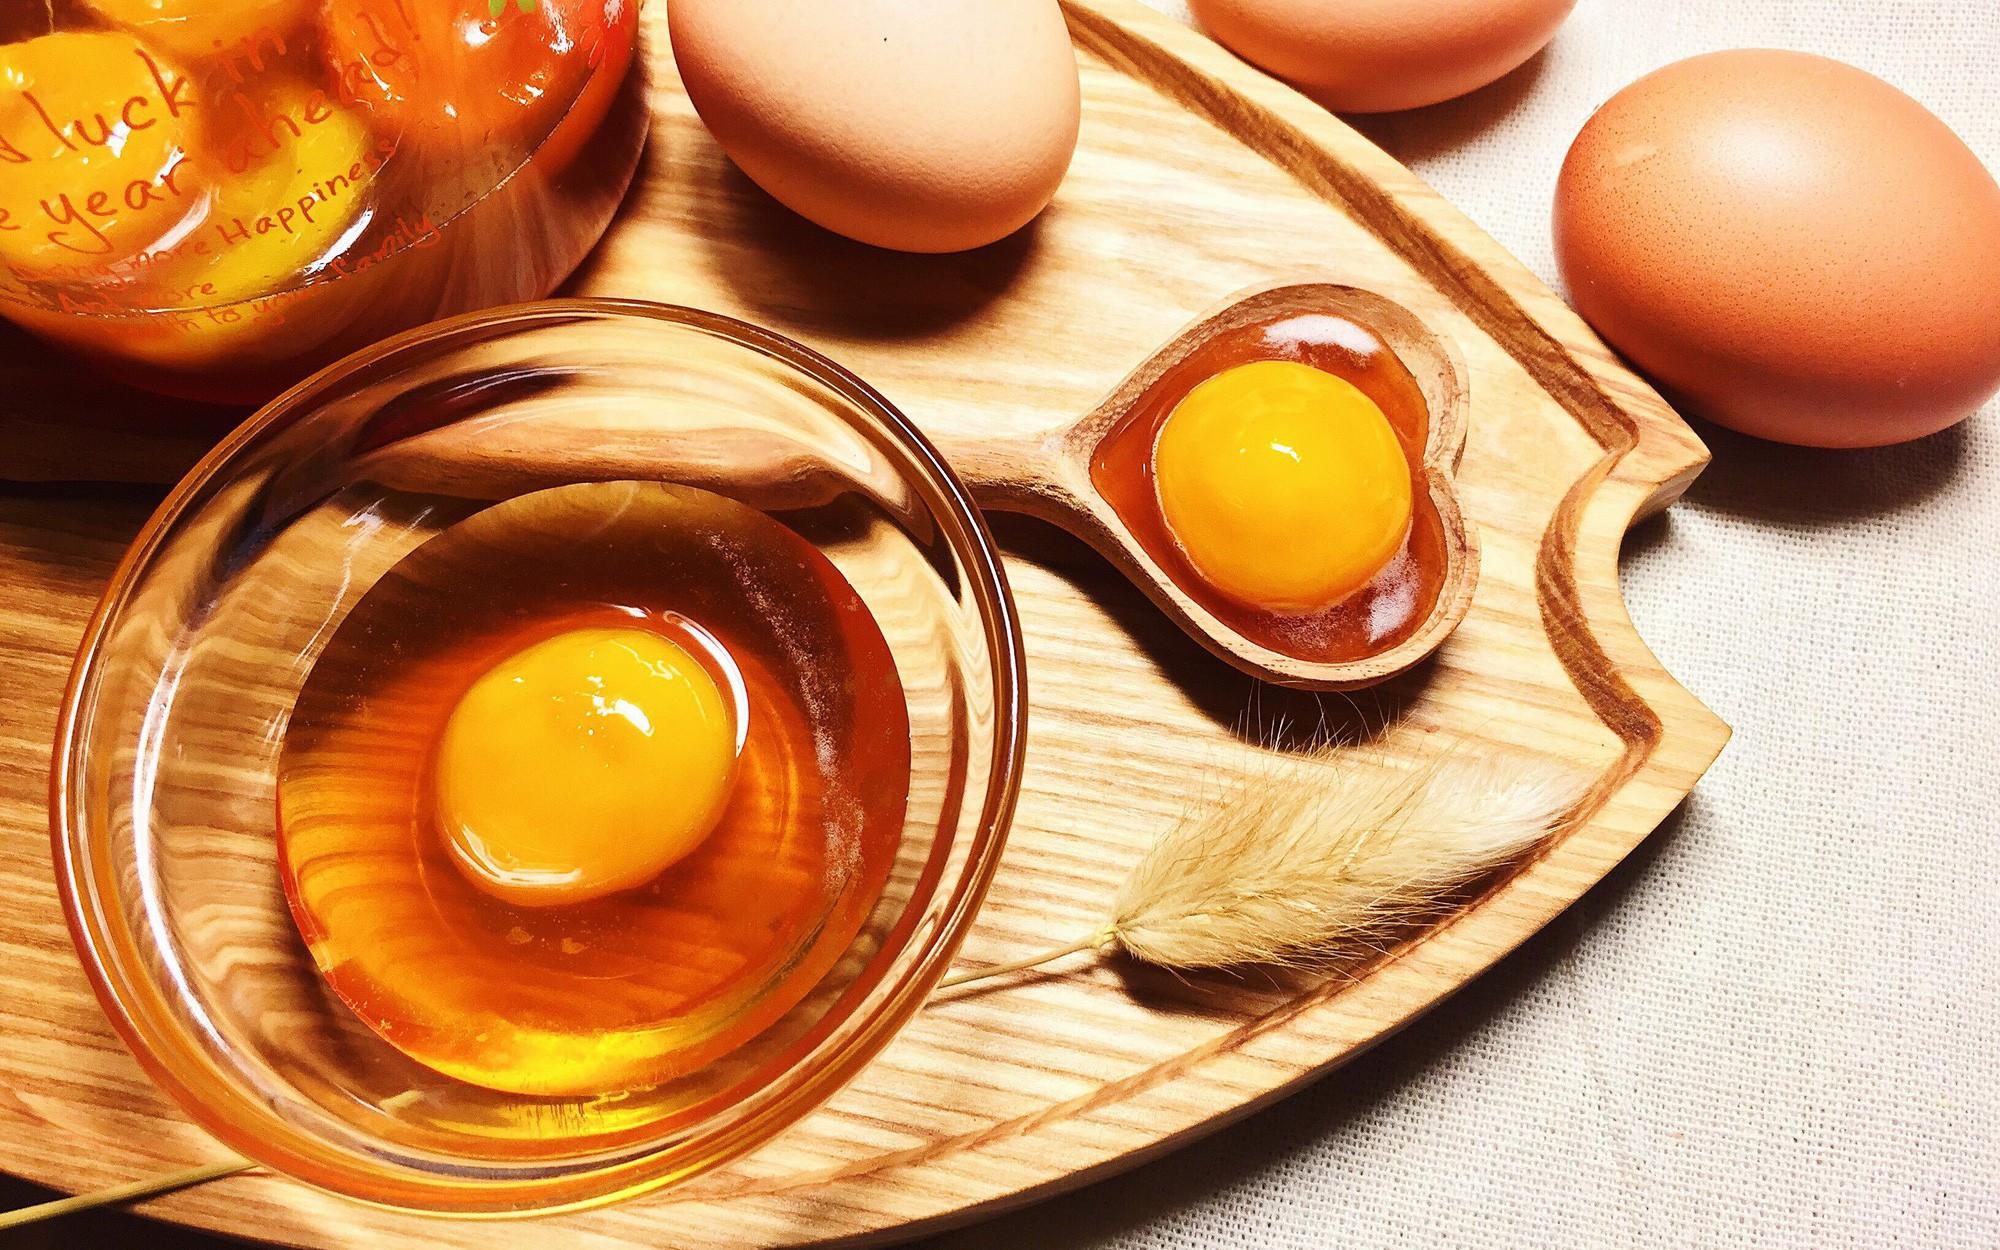 Trứng gà ngâm mật ong tốt cho bà bầu